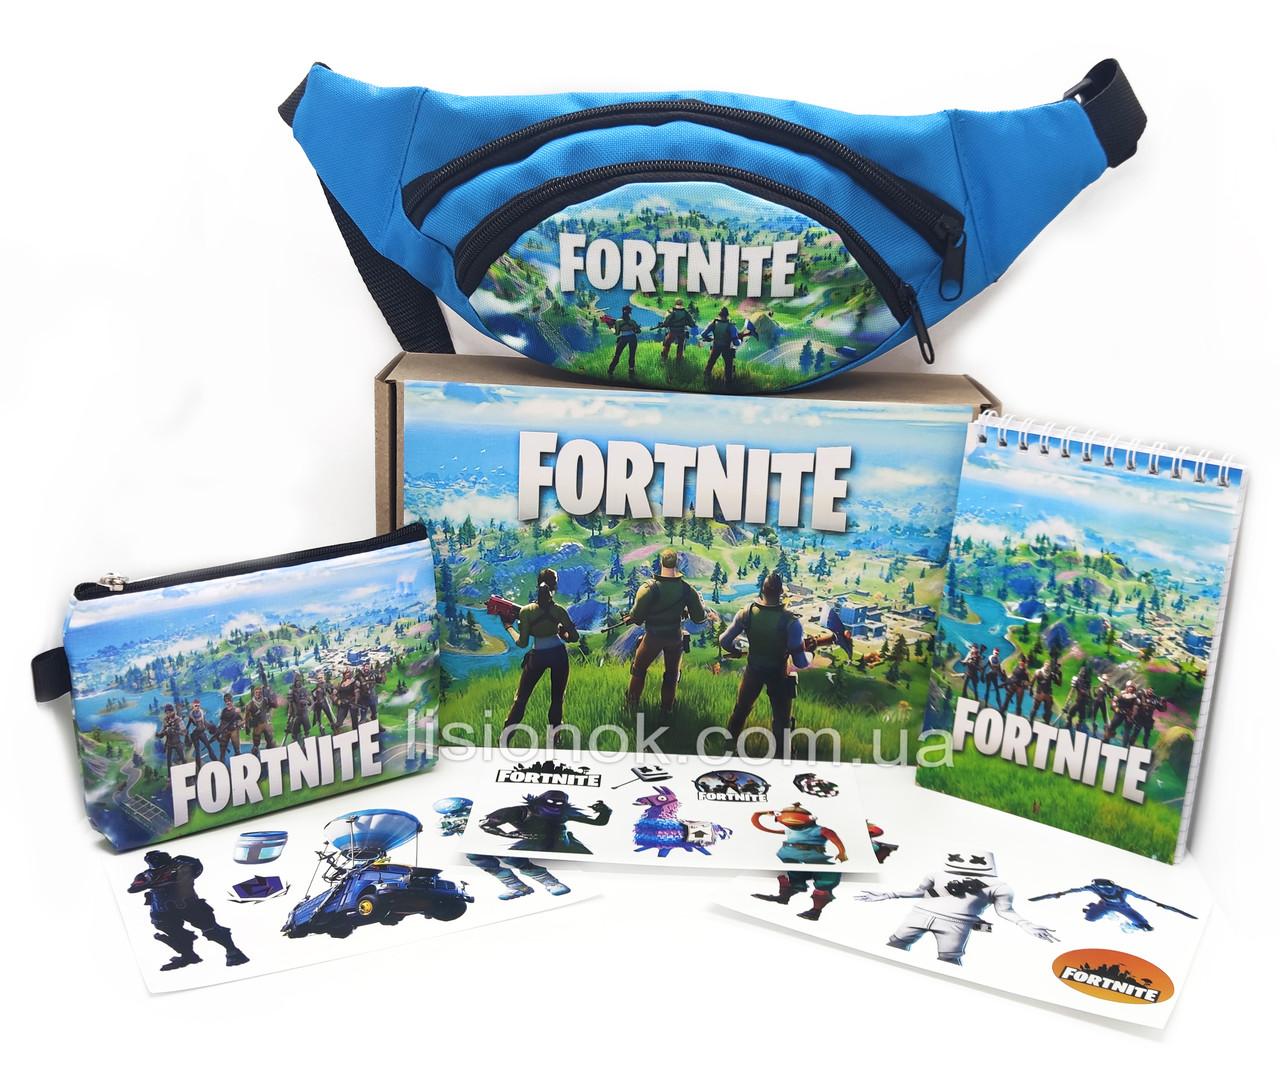 Бокс Фортнайт з бананкою (блокнот, гаманець, наліпки, бананка) - відмінний подарунок фанатам гри Fortnite